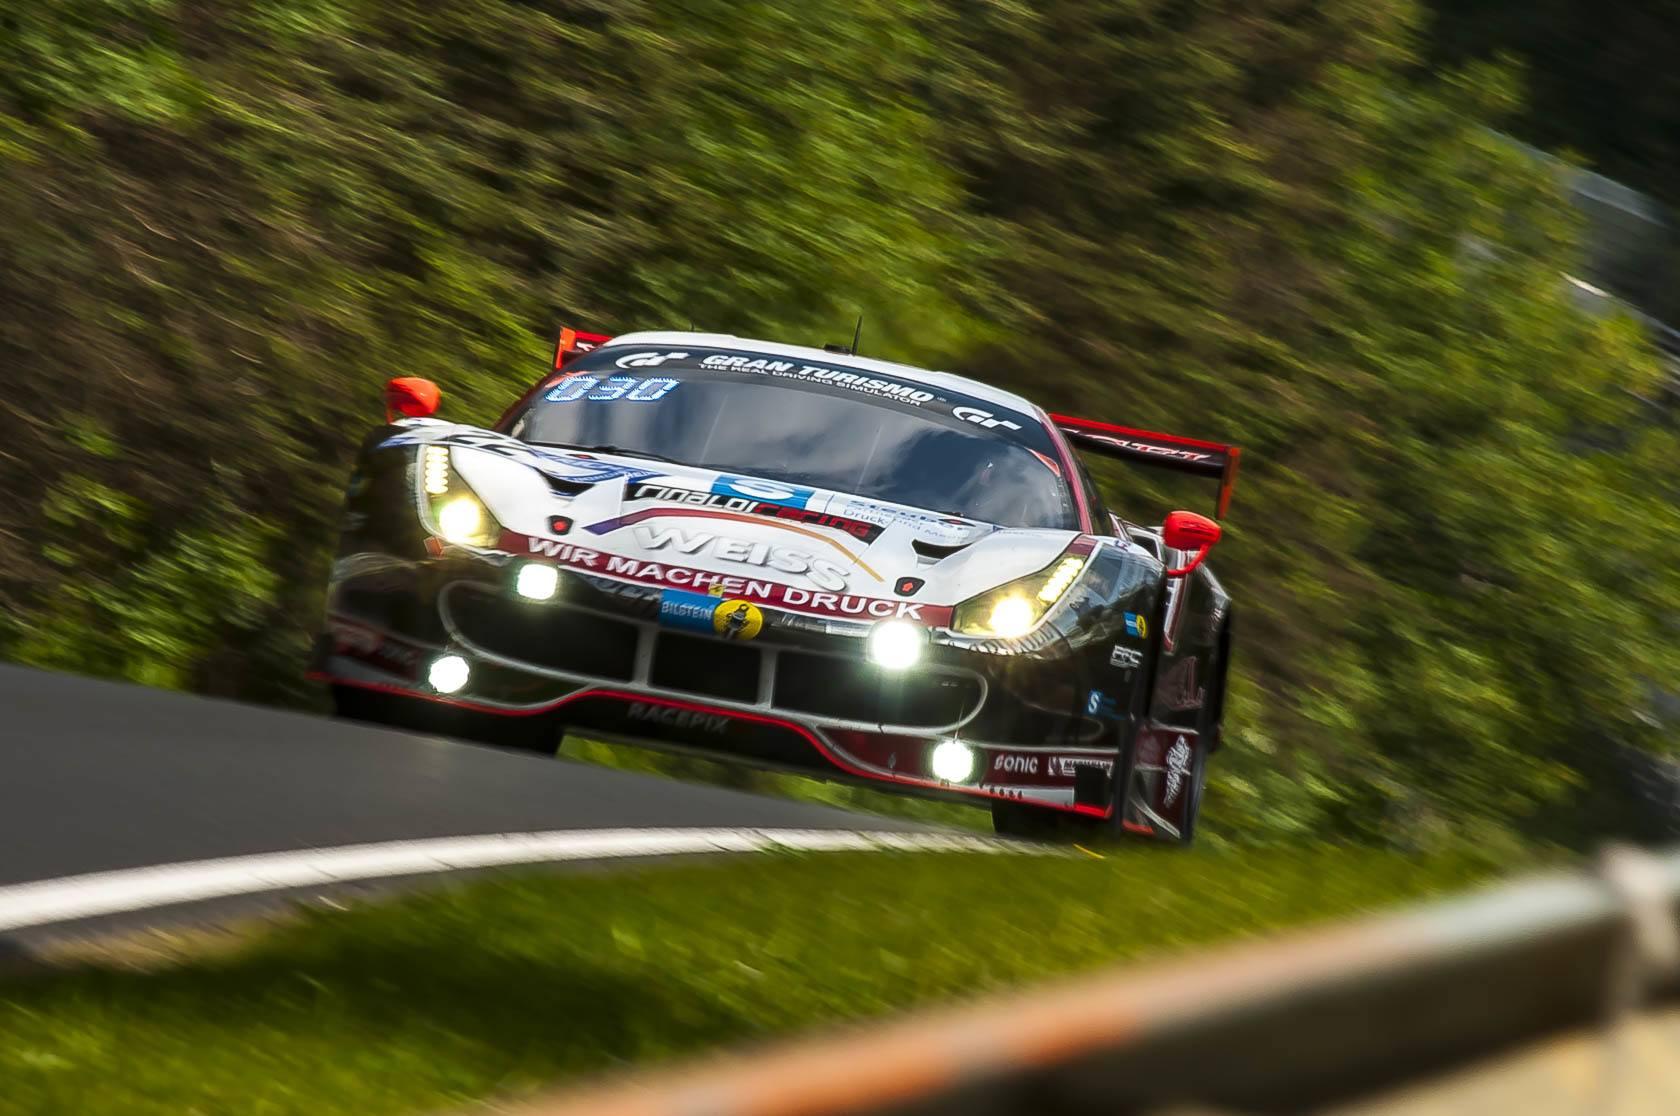 Rinaldi Racing Wochenspiegel Team Monschau Ferrari F488 GT3 24h-Rennen 2018